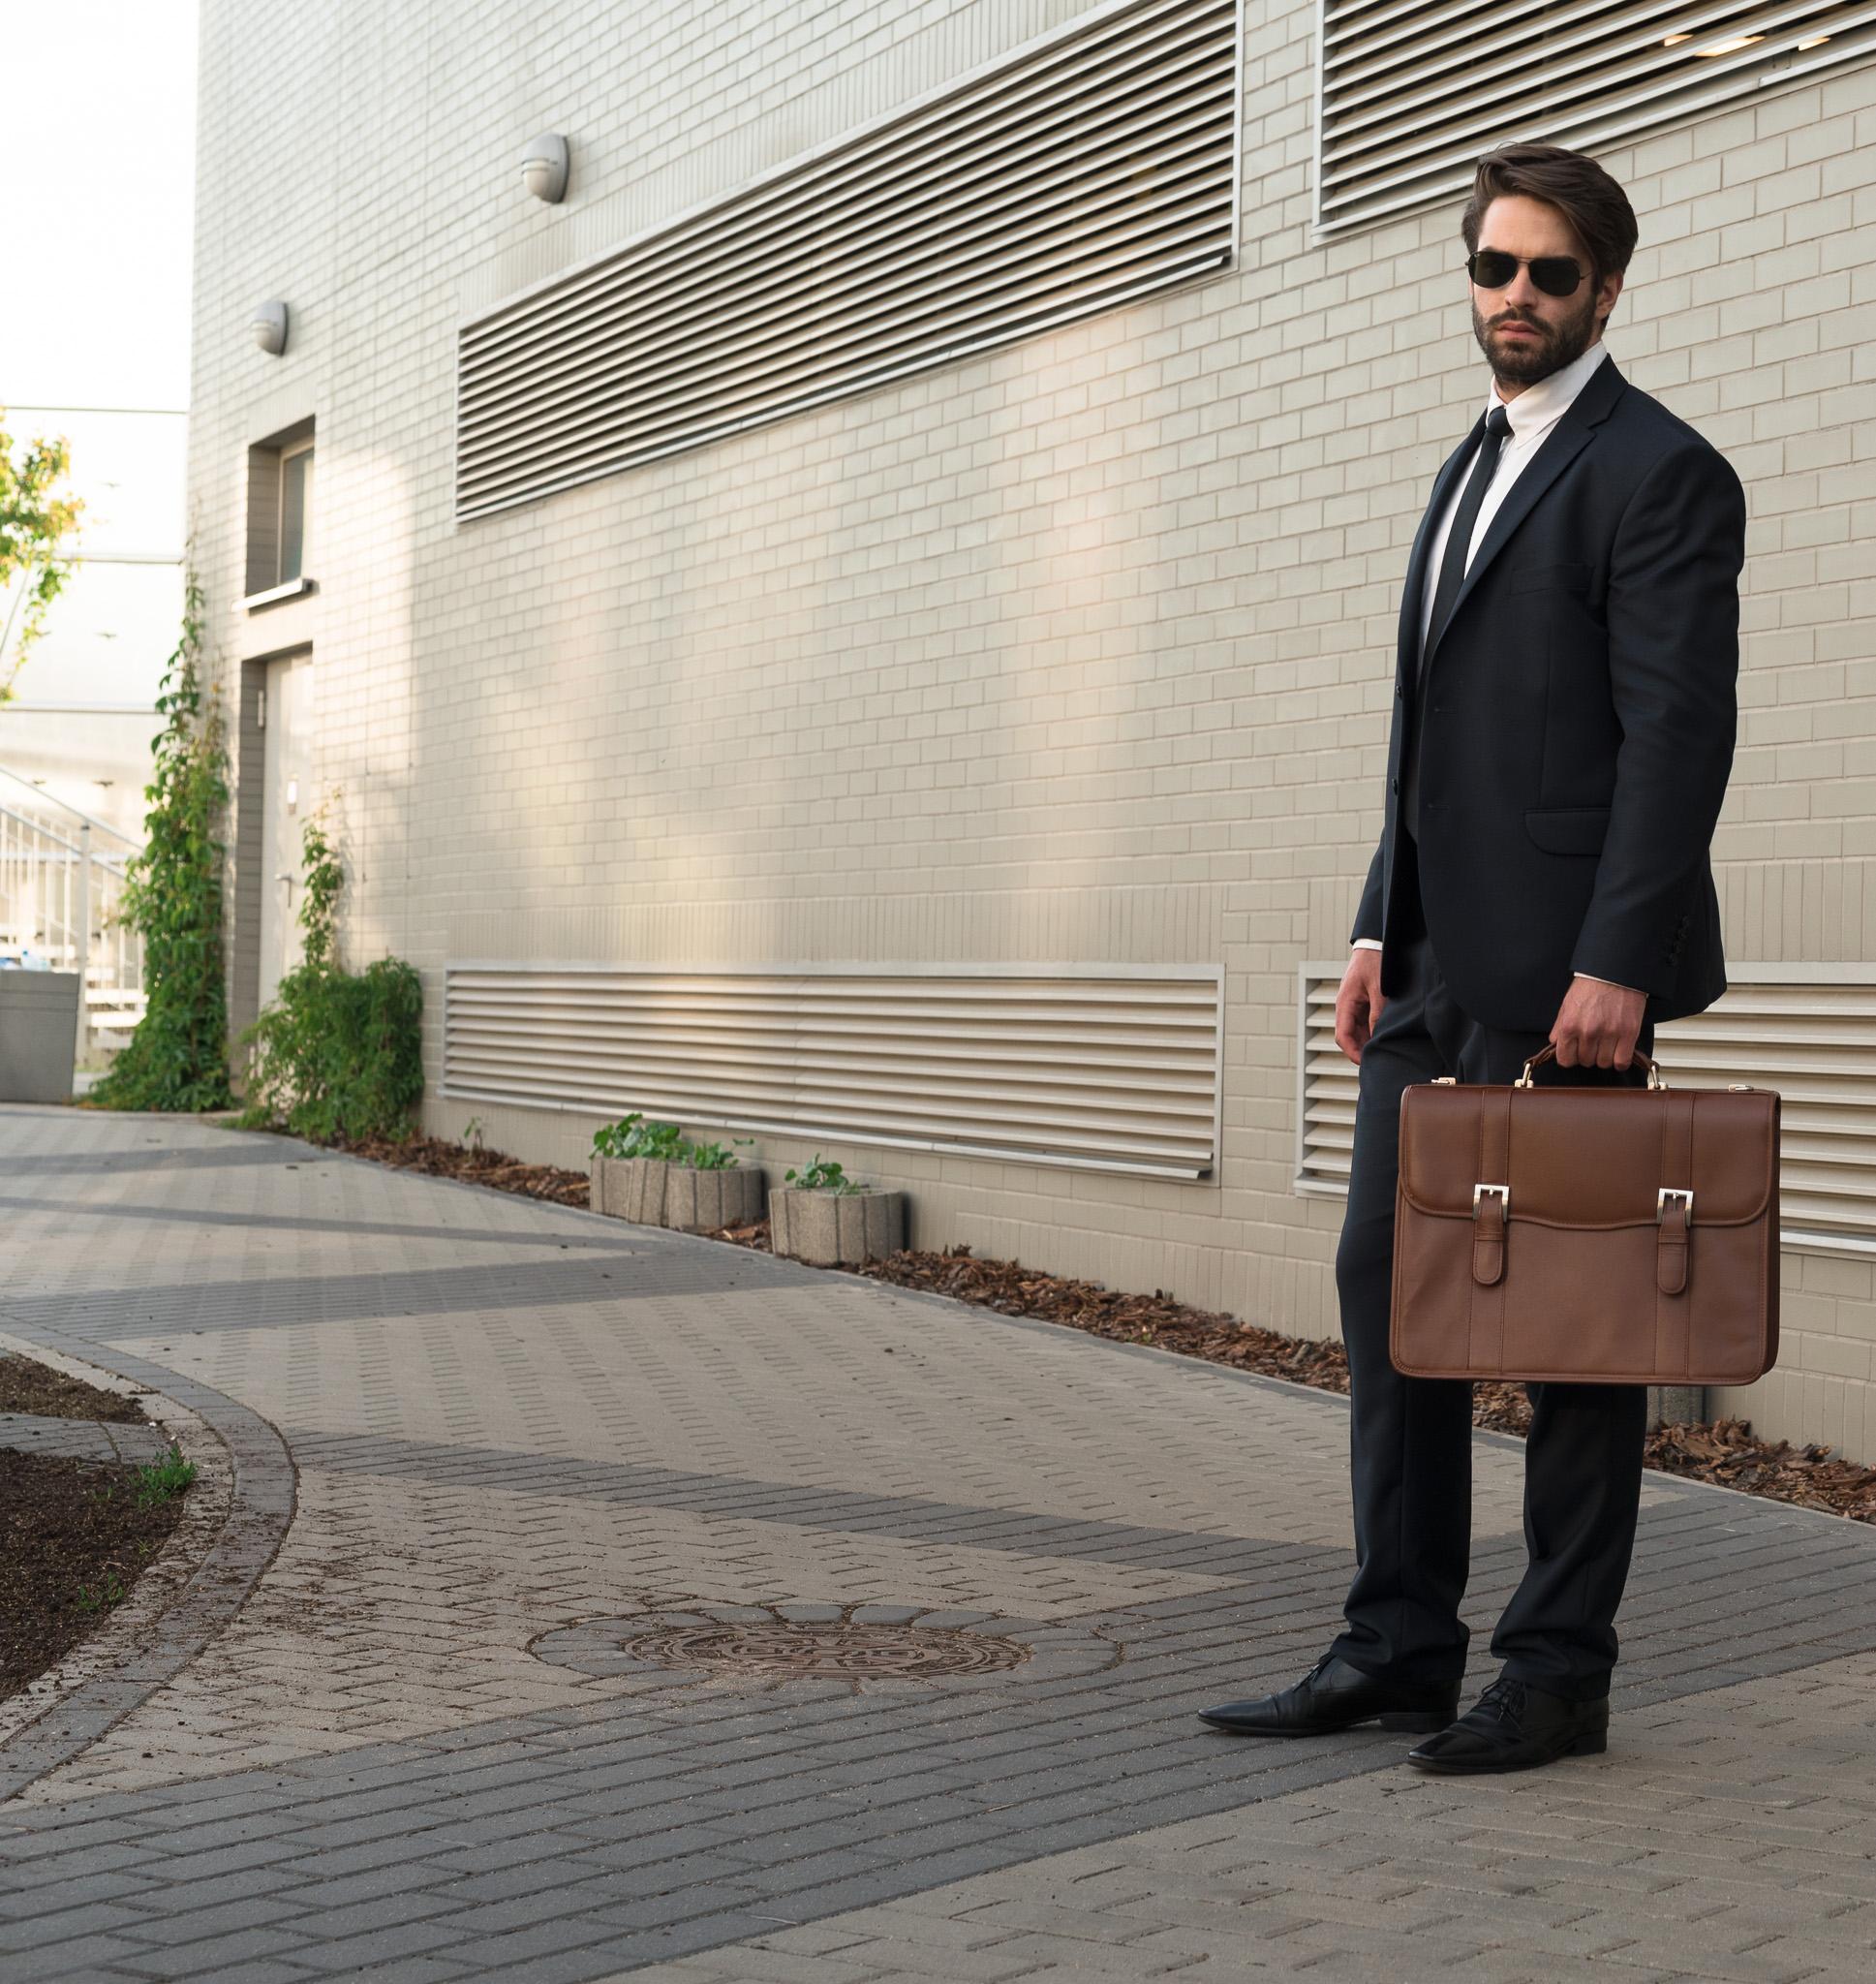 Męska skórzana teczka na spotkanie biznesowe